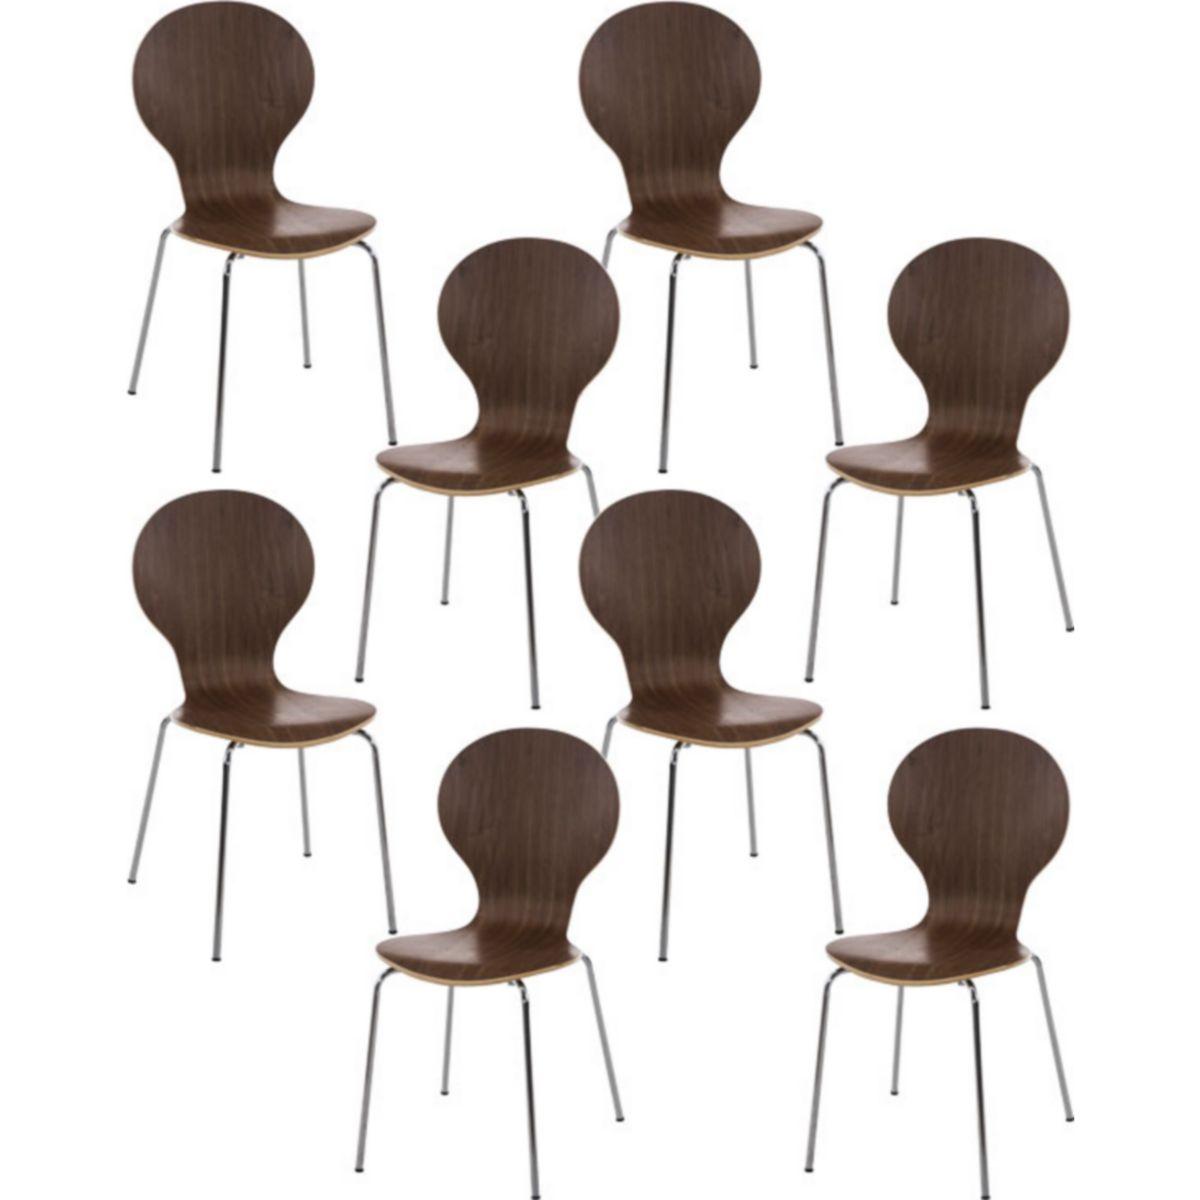 8x robuster und pflegeleichter Stapelstuhl DIEGO mit Holzsitz & ergonomisch geformter Sitzfläche, bis zu 12 Farben wählbar jetztbilligerkaufen